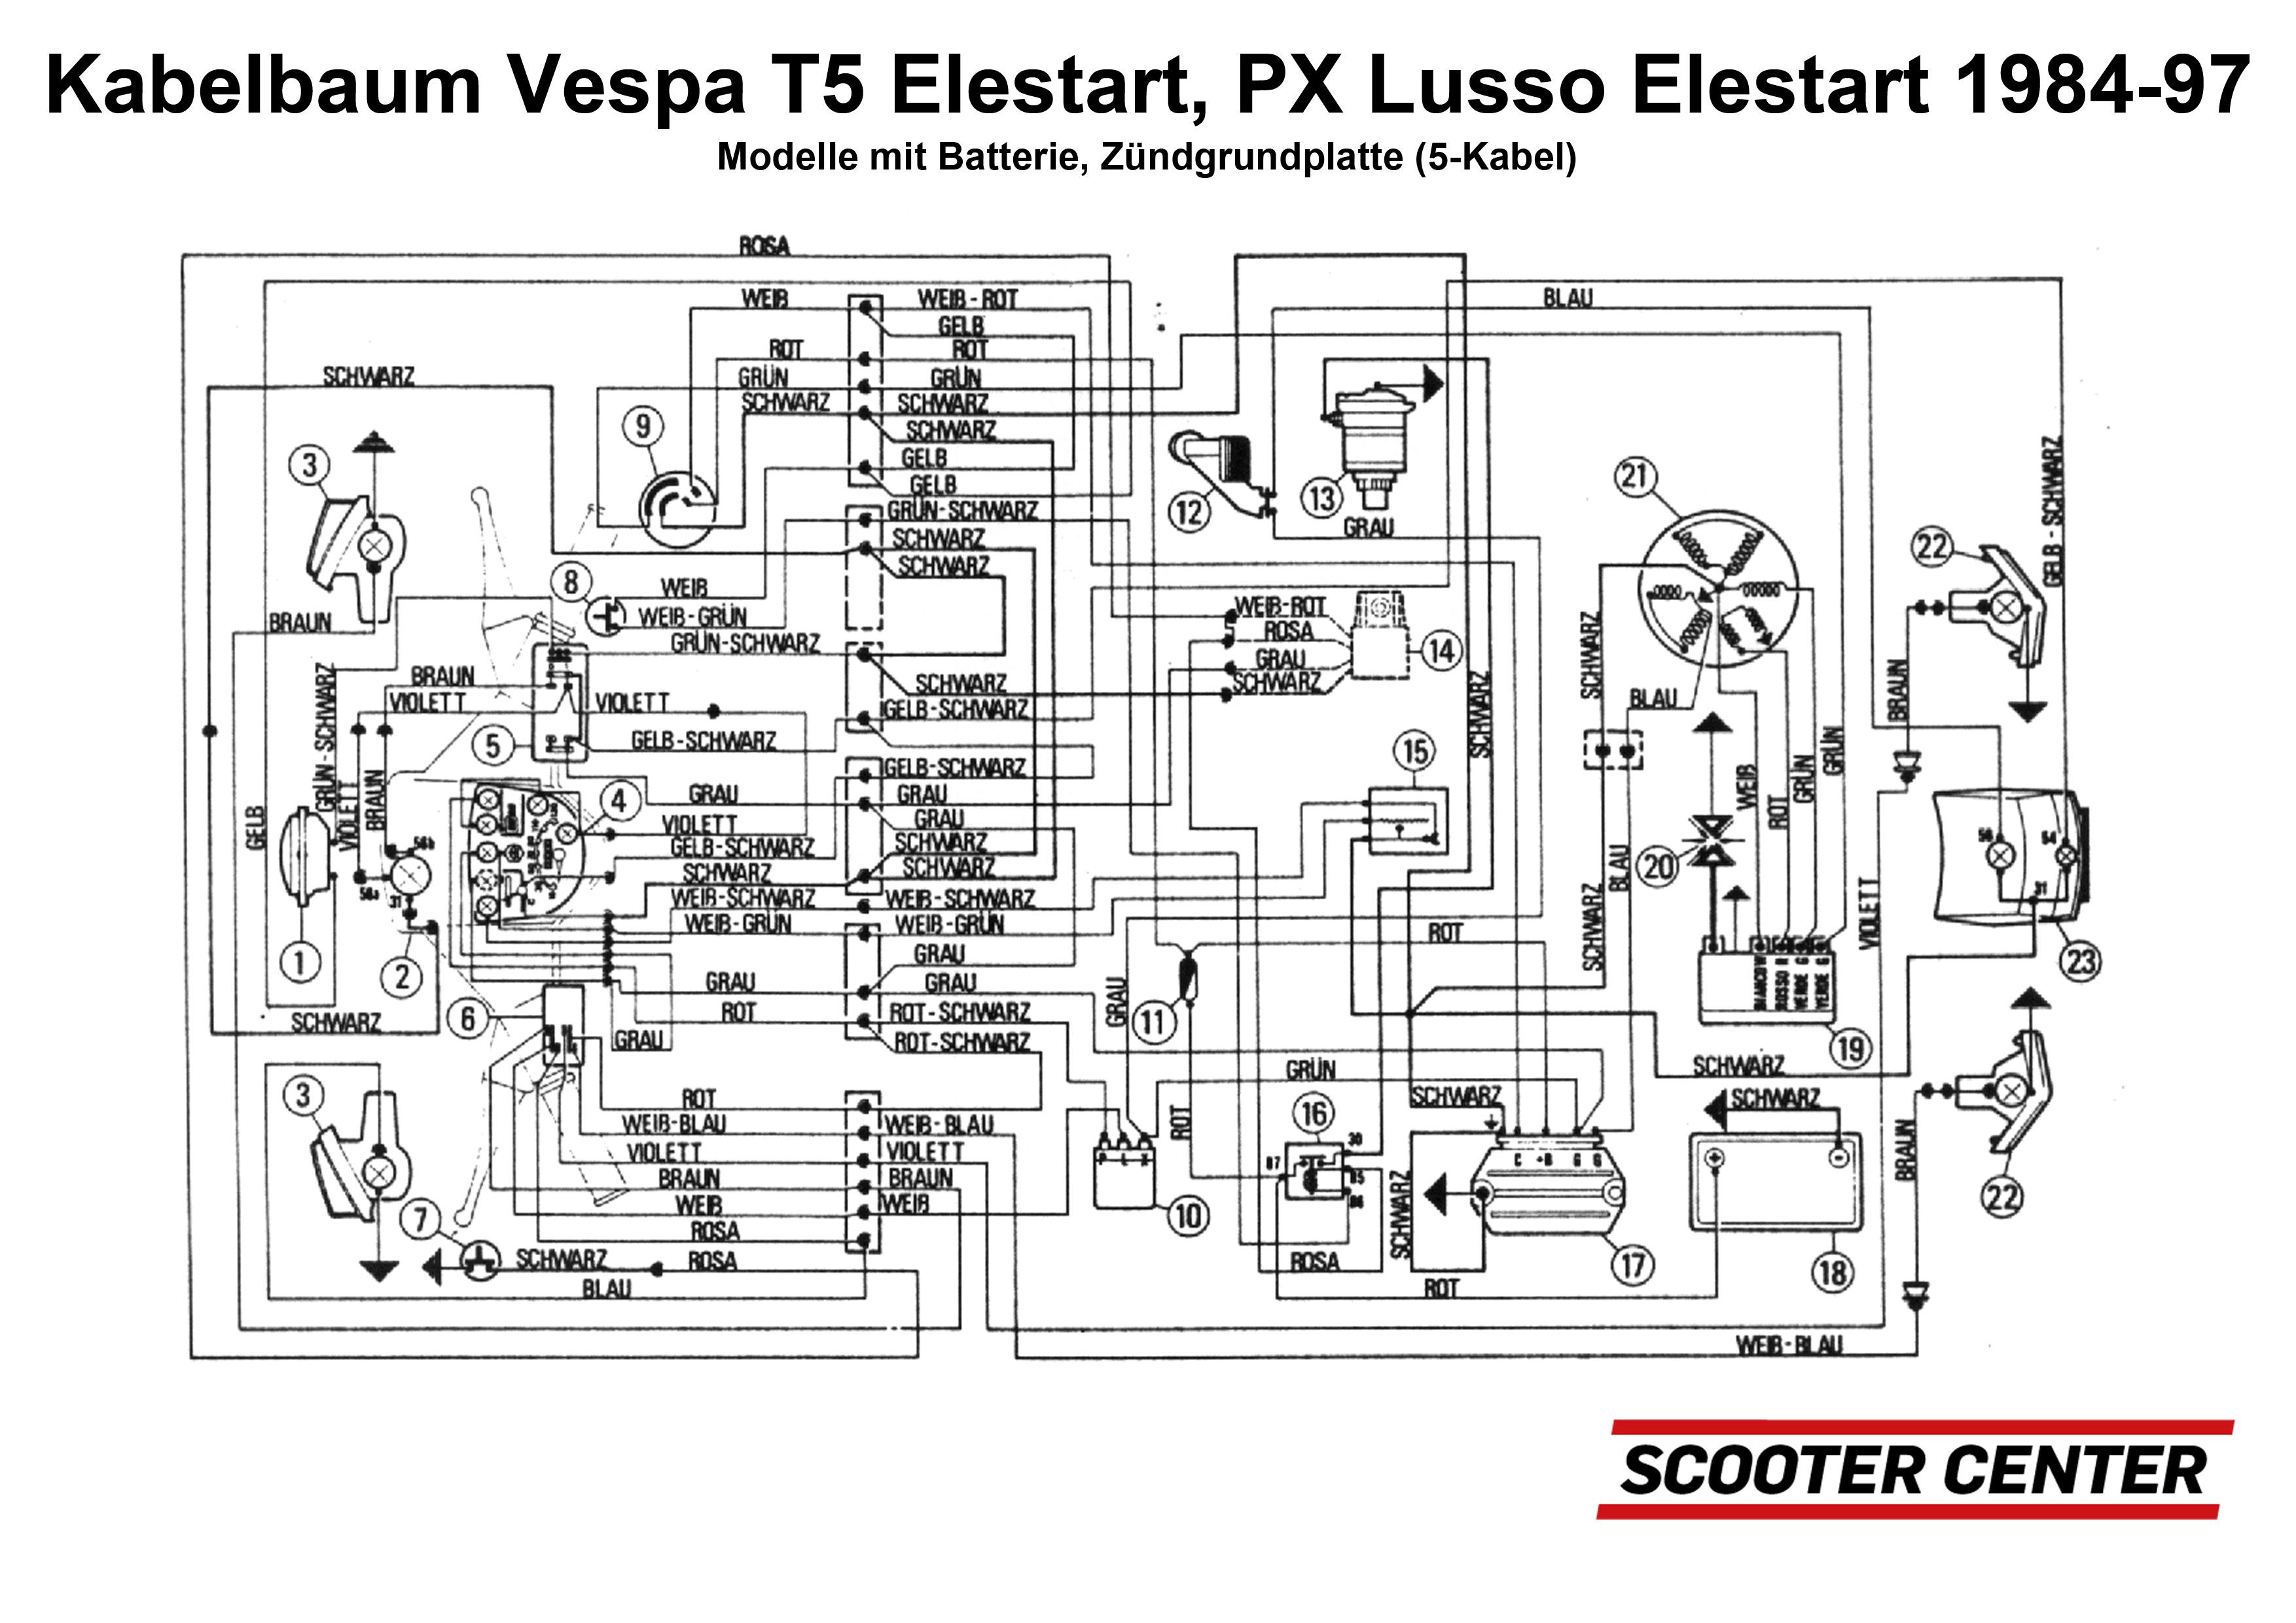 Kabelbaum GRABOR Vespa T5 125ccm Elestart  PX Lusso